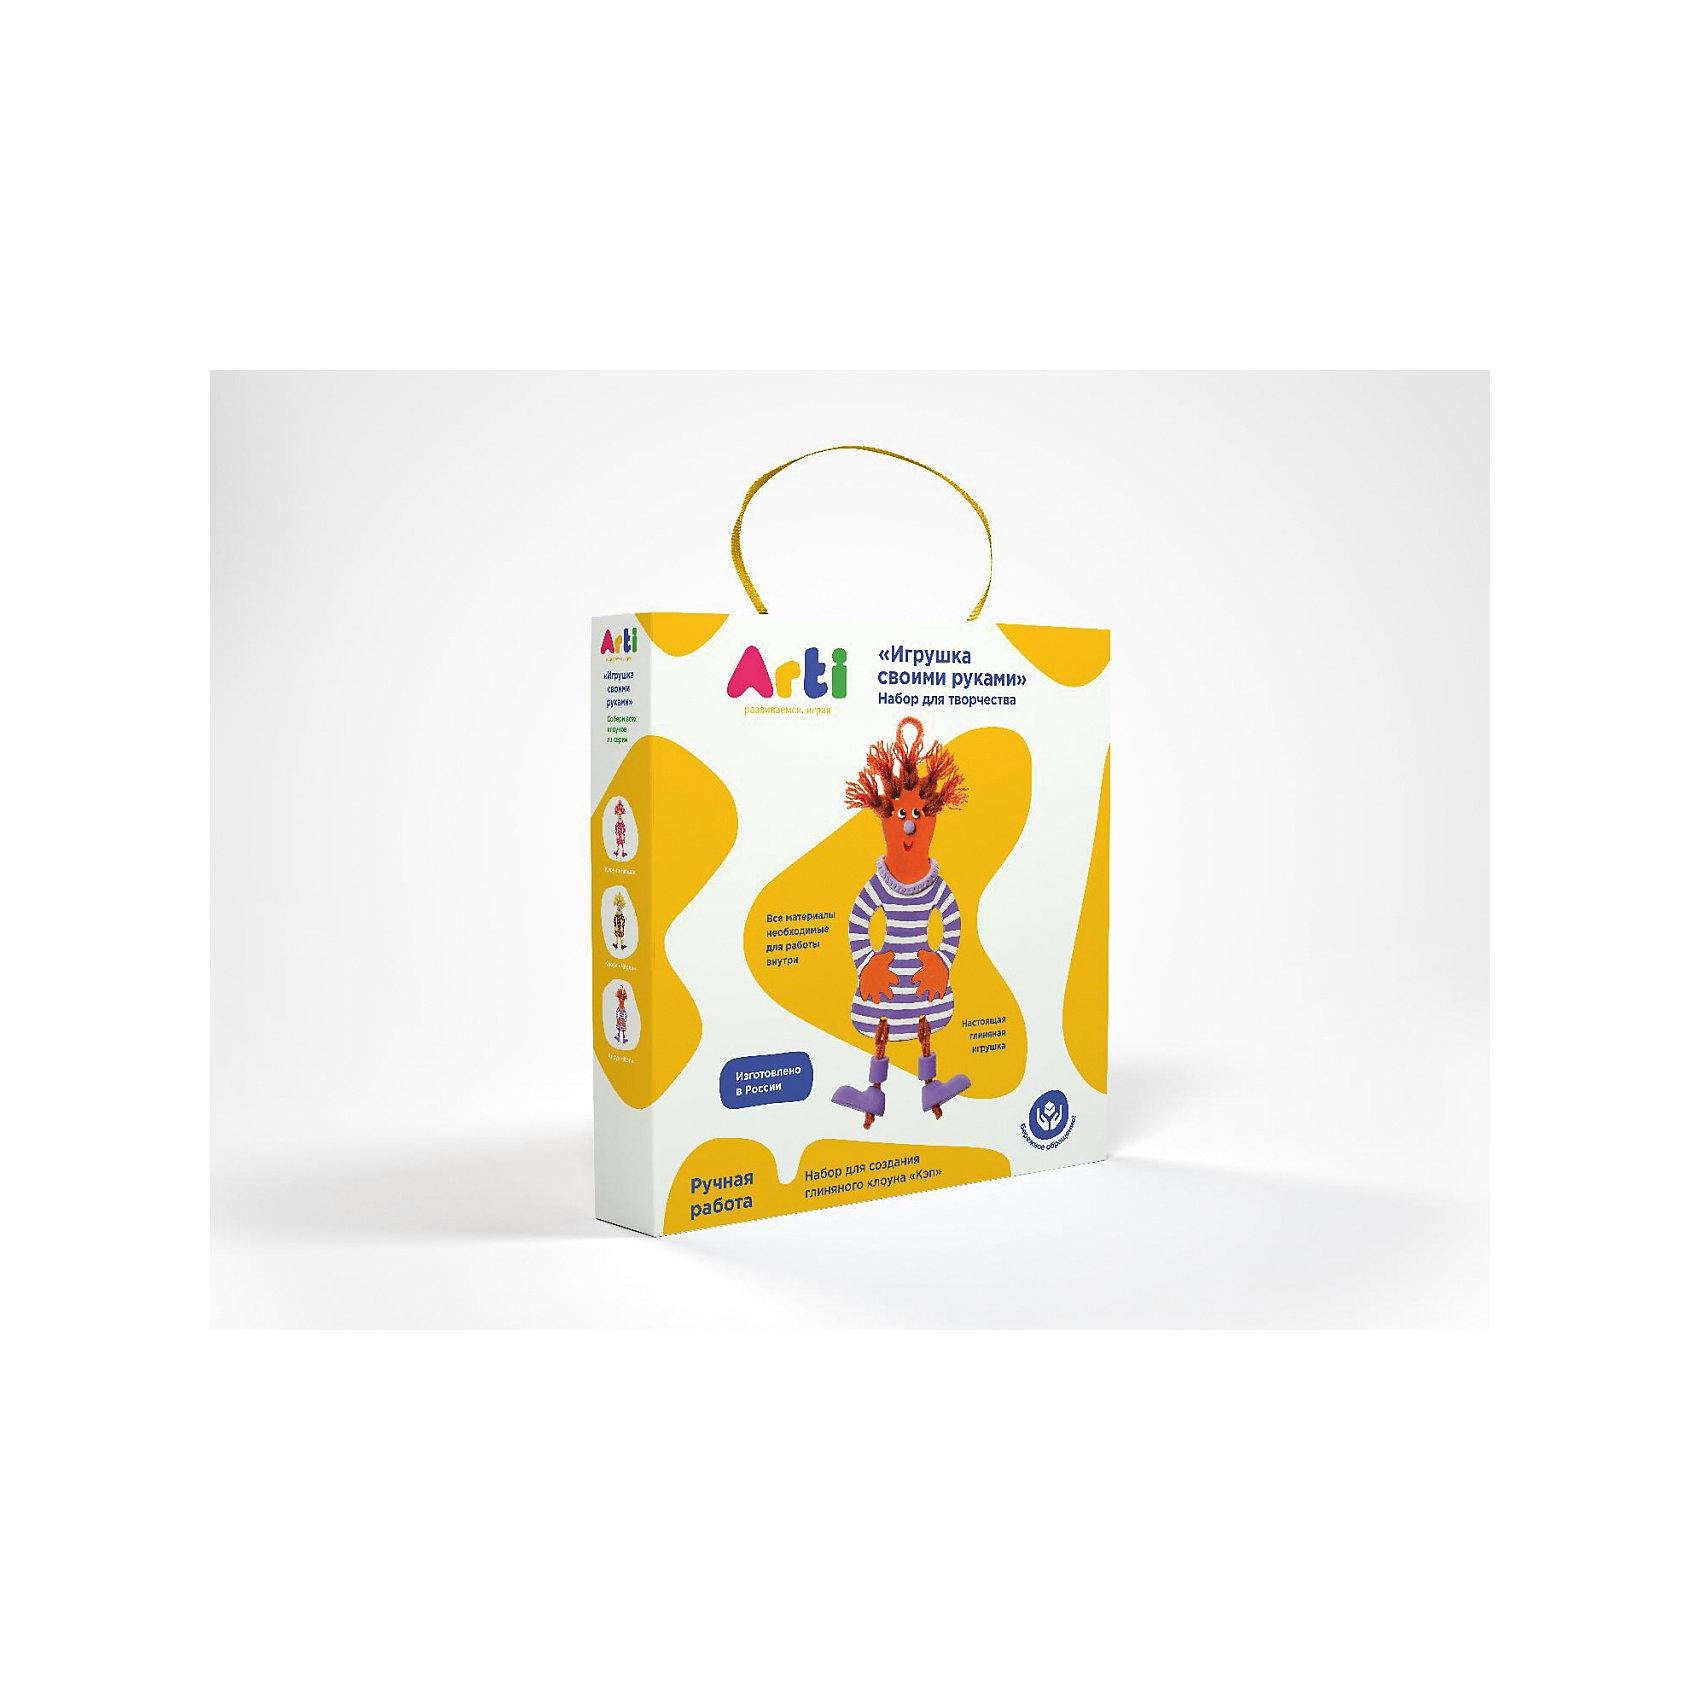 Набор для творчества Глиняный клоун КэпНаборы для раскрашивания<br>Набор для творчества Глиняный клоун Кэп.<br><br>Характеристика: <br><br>• Возраст: от 3 лет<br>• Материал: глина, текстиль, краски, дерево, шерсть. <br>• Размер упаковки: 3х18х18 см. <br>• Комплектация: глиняная основа, акриловые краски, кисть, шерстяные нити, деревянная палочка для работы с нитями.<br>• Объем 1 баночки с краской: 5 мл.<br>• Развивает моторику рук, мышление, внимание. фантазию, творческие способности. <br><br>С помощью этого замечательного набора ваш ребенок сможет создать яркую глиняную фигурку и раскрасить ее по своему вкусу. Все детали набора выполнены из высококачественных материалов. Доступная простая инструкция позволит детям самим сделать своего клоуна. Получившаяся фигурка обязательно украсит стену детской или же станет отличным подарком, сделанным своими руками. <br><br>Набор для творчества Глиняный клоун Кэп можно купить в нашем интернет-магазине.<br><br>Ширина мм: 180<br>Глубина мм: 180<br>Высота мм: 30<br>Вес г: 227<br>Возраст от месяцев: 36<br>Возраст до месяцев: 2147483647<br>Пол: Унисекс<br>Возраст: Детский<br>SKU: 5487920